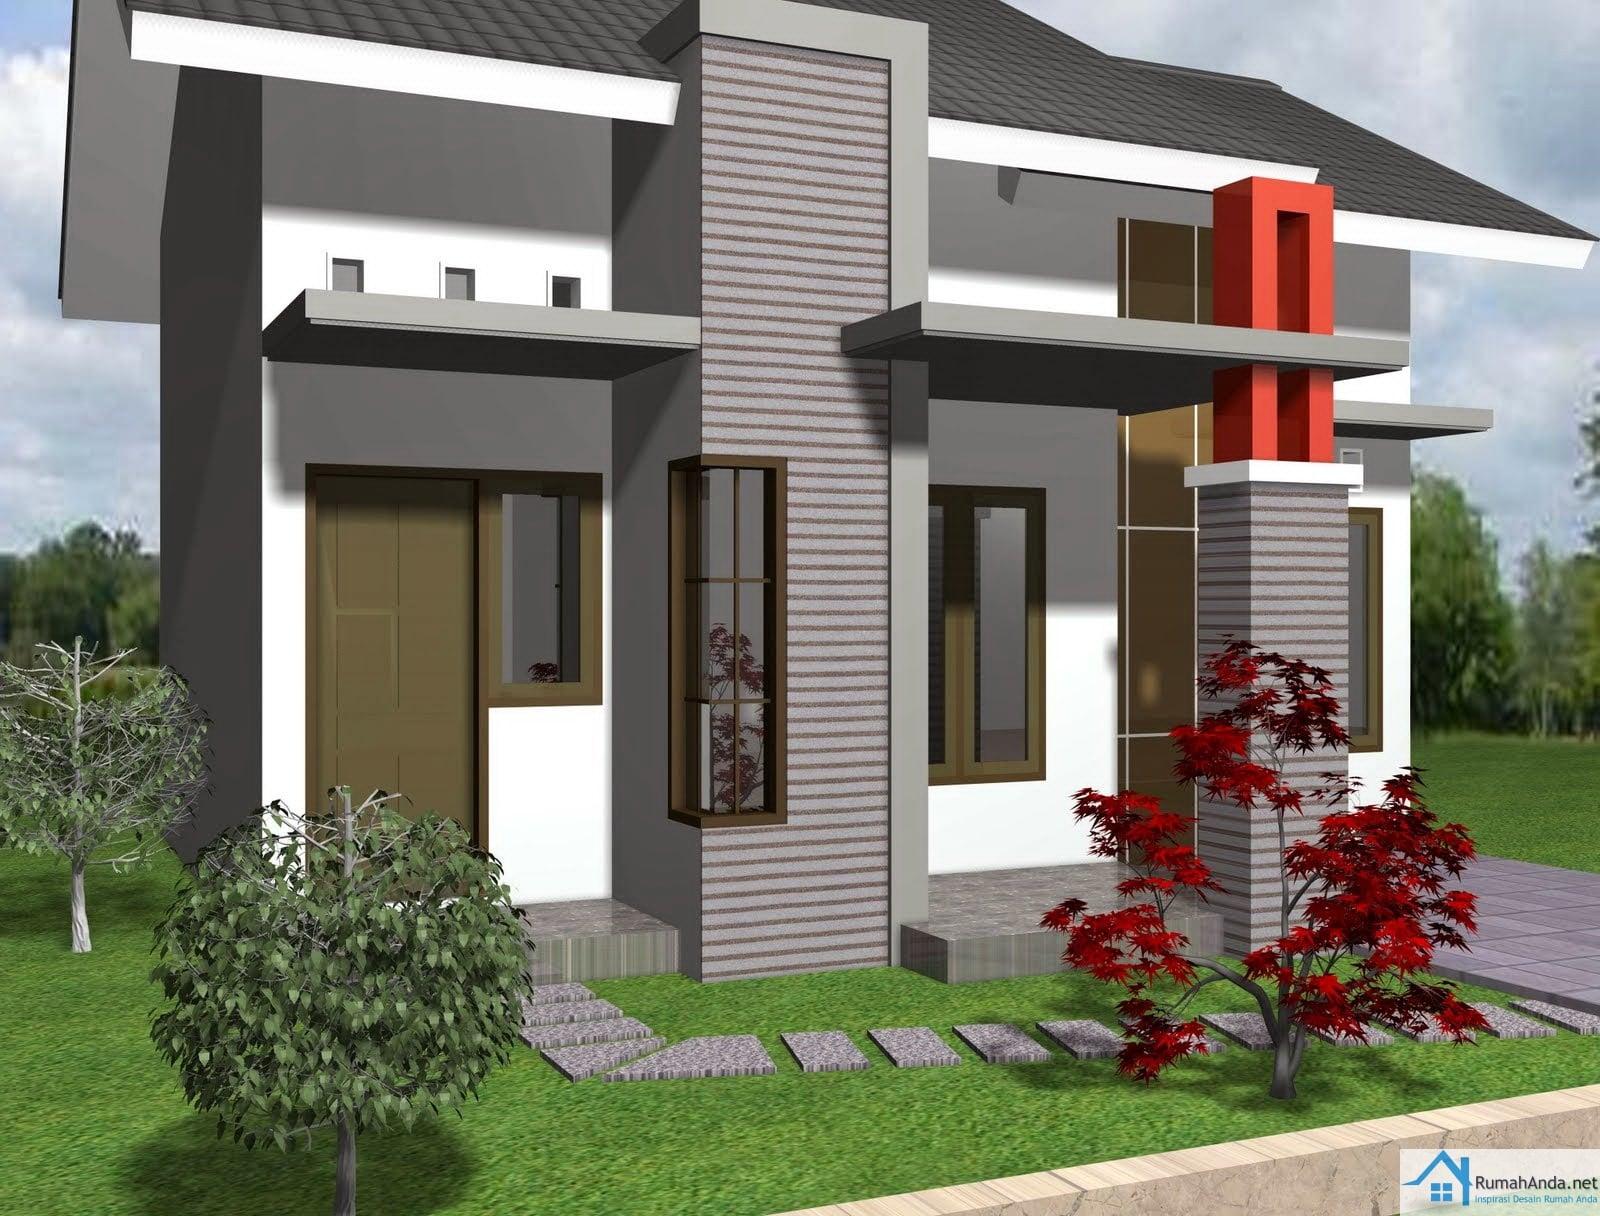 Luxurius 21 Gambar Rumah Minimalis 1 Kamar 74 Tentang Ide Merombak Rumah Kecil dengan 21 Gambar Rumah Minimalis 1 Kamar